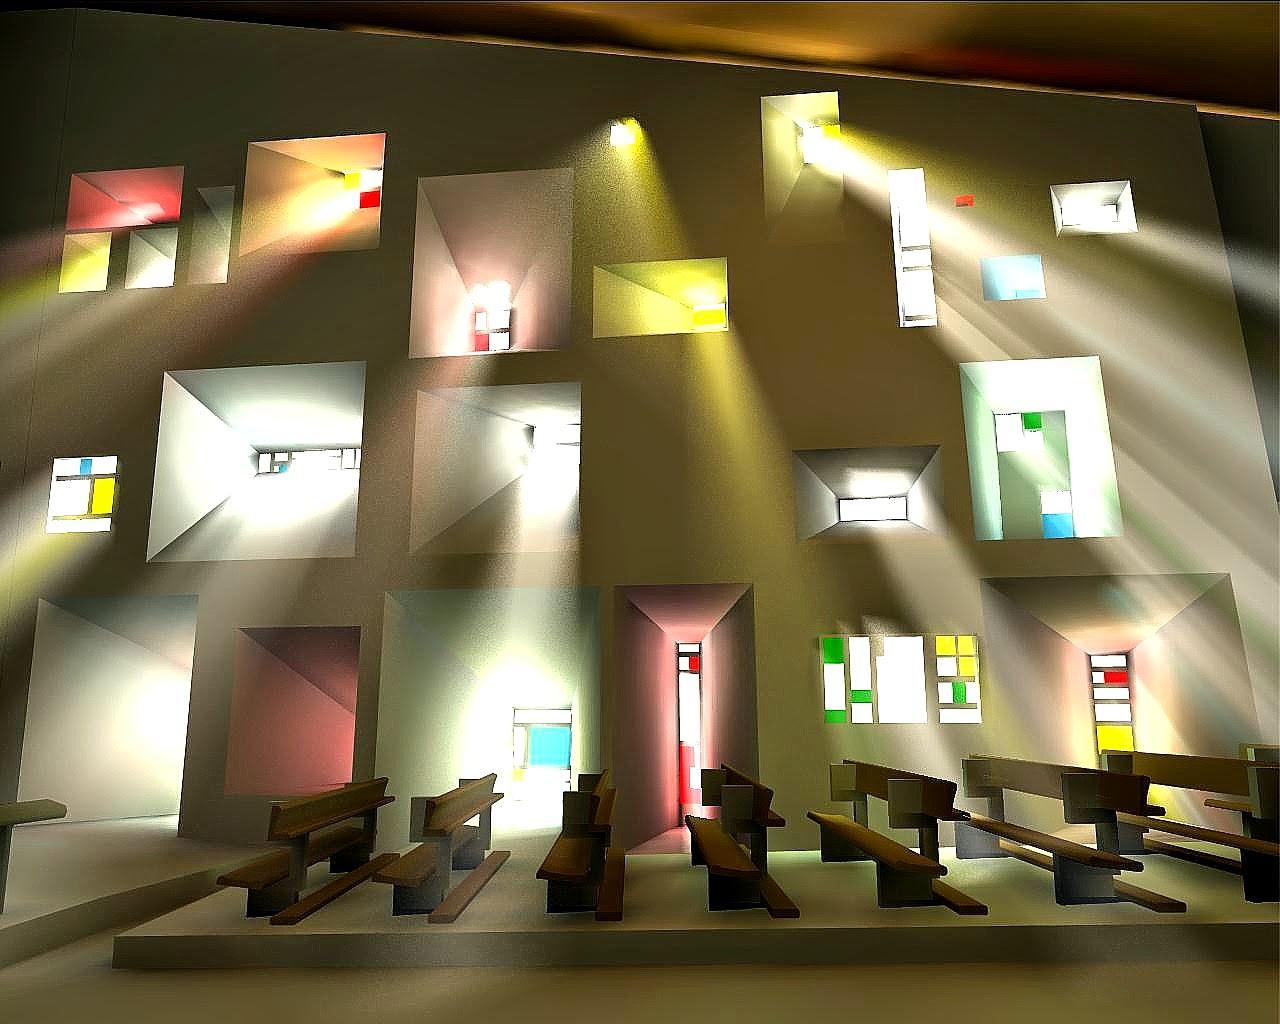 Art now and then notre dame du haut ronchamp france for Les architectures